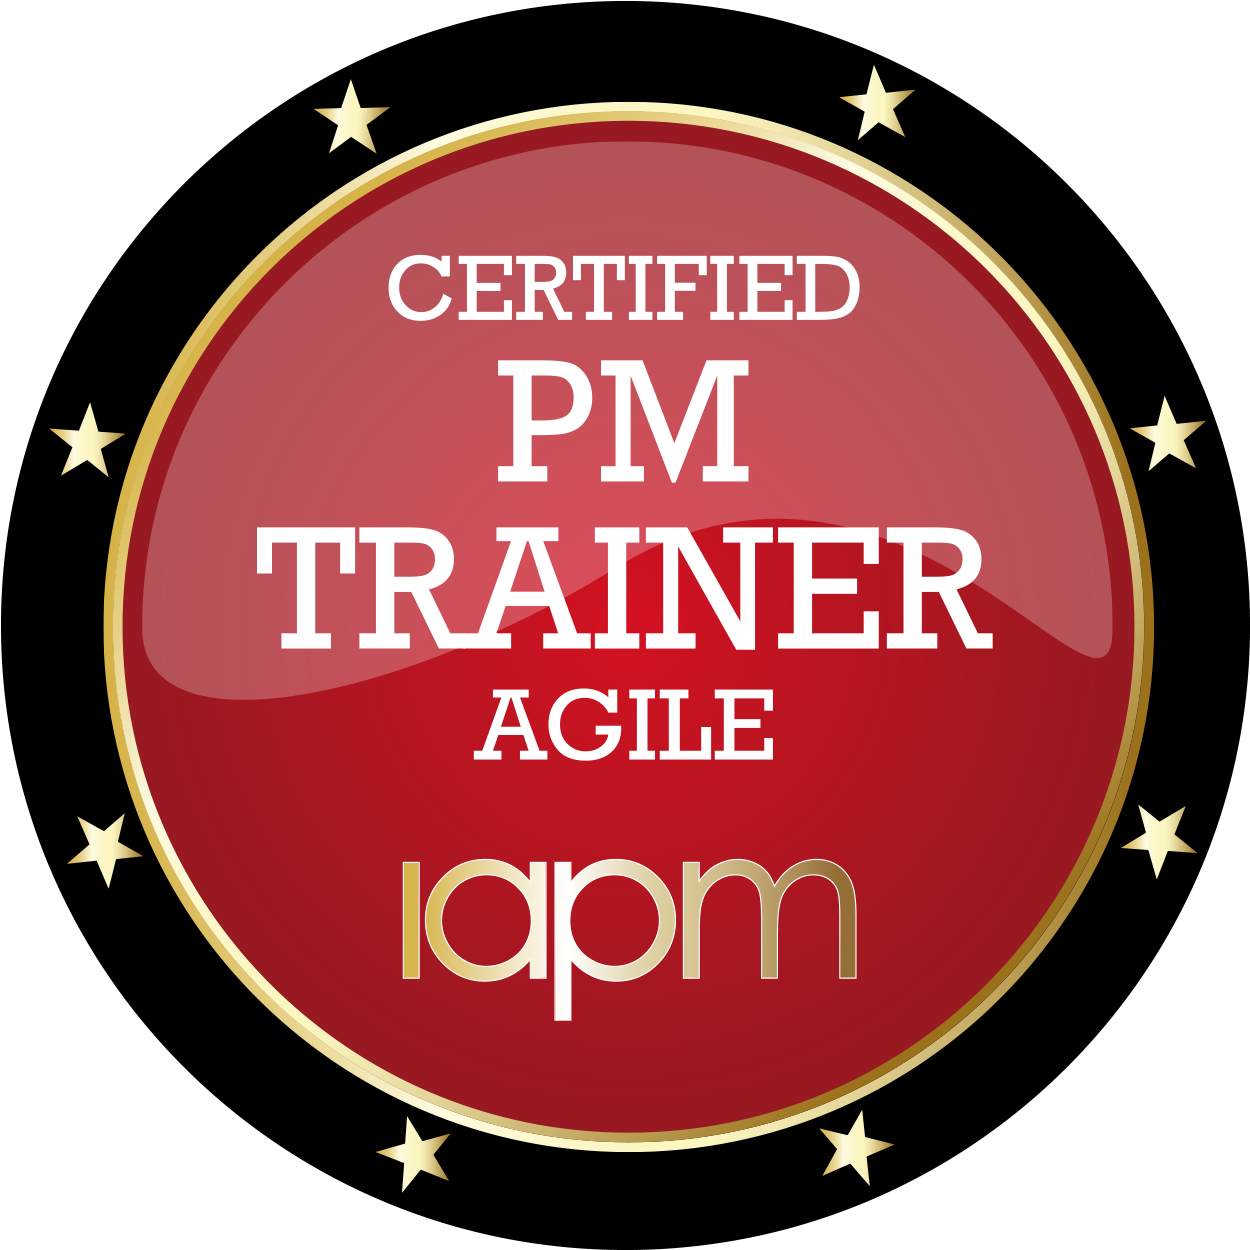 PM Trainer Agile IAPM